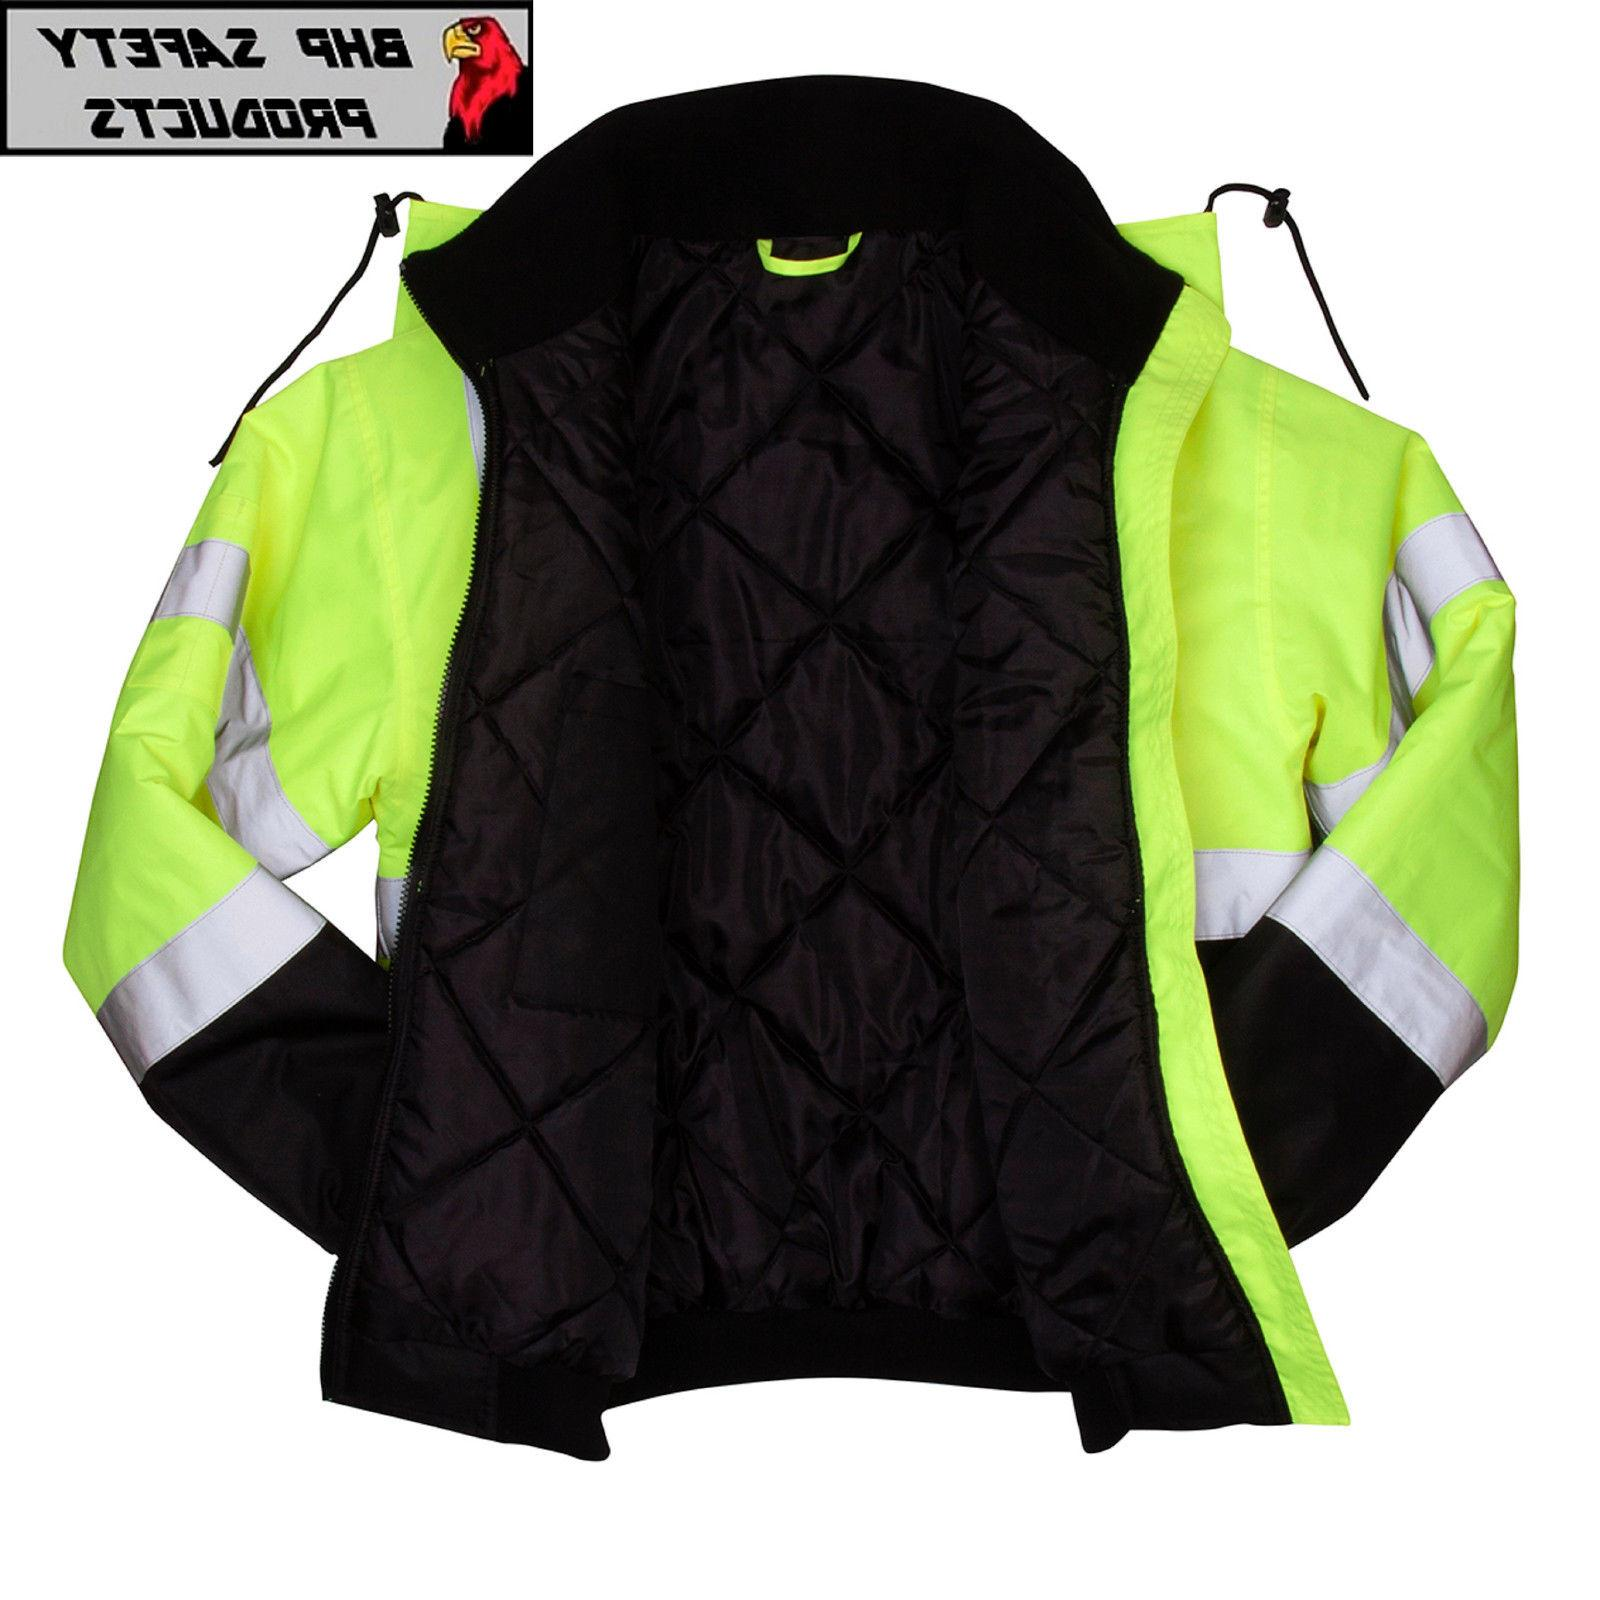 Pyramex Hi-Vis Insulated Safety Jacket WORK